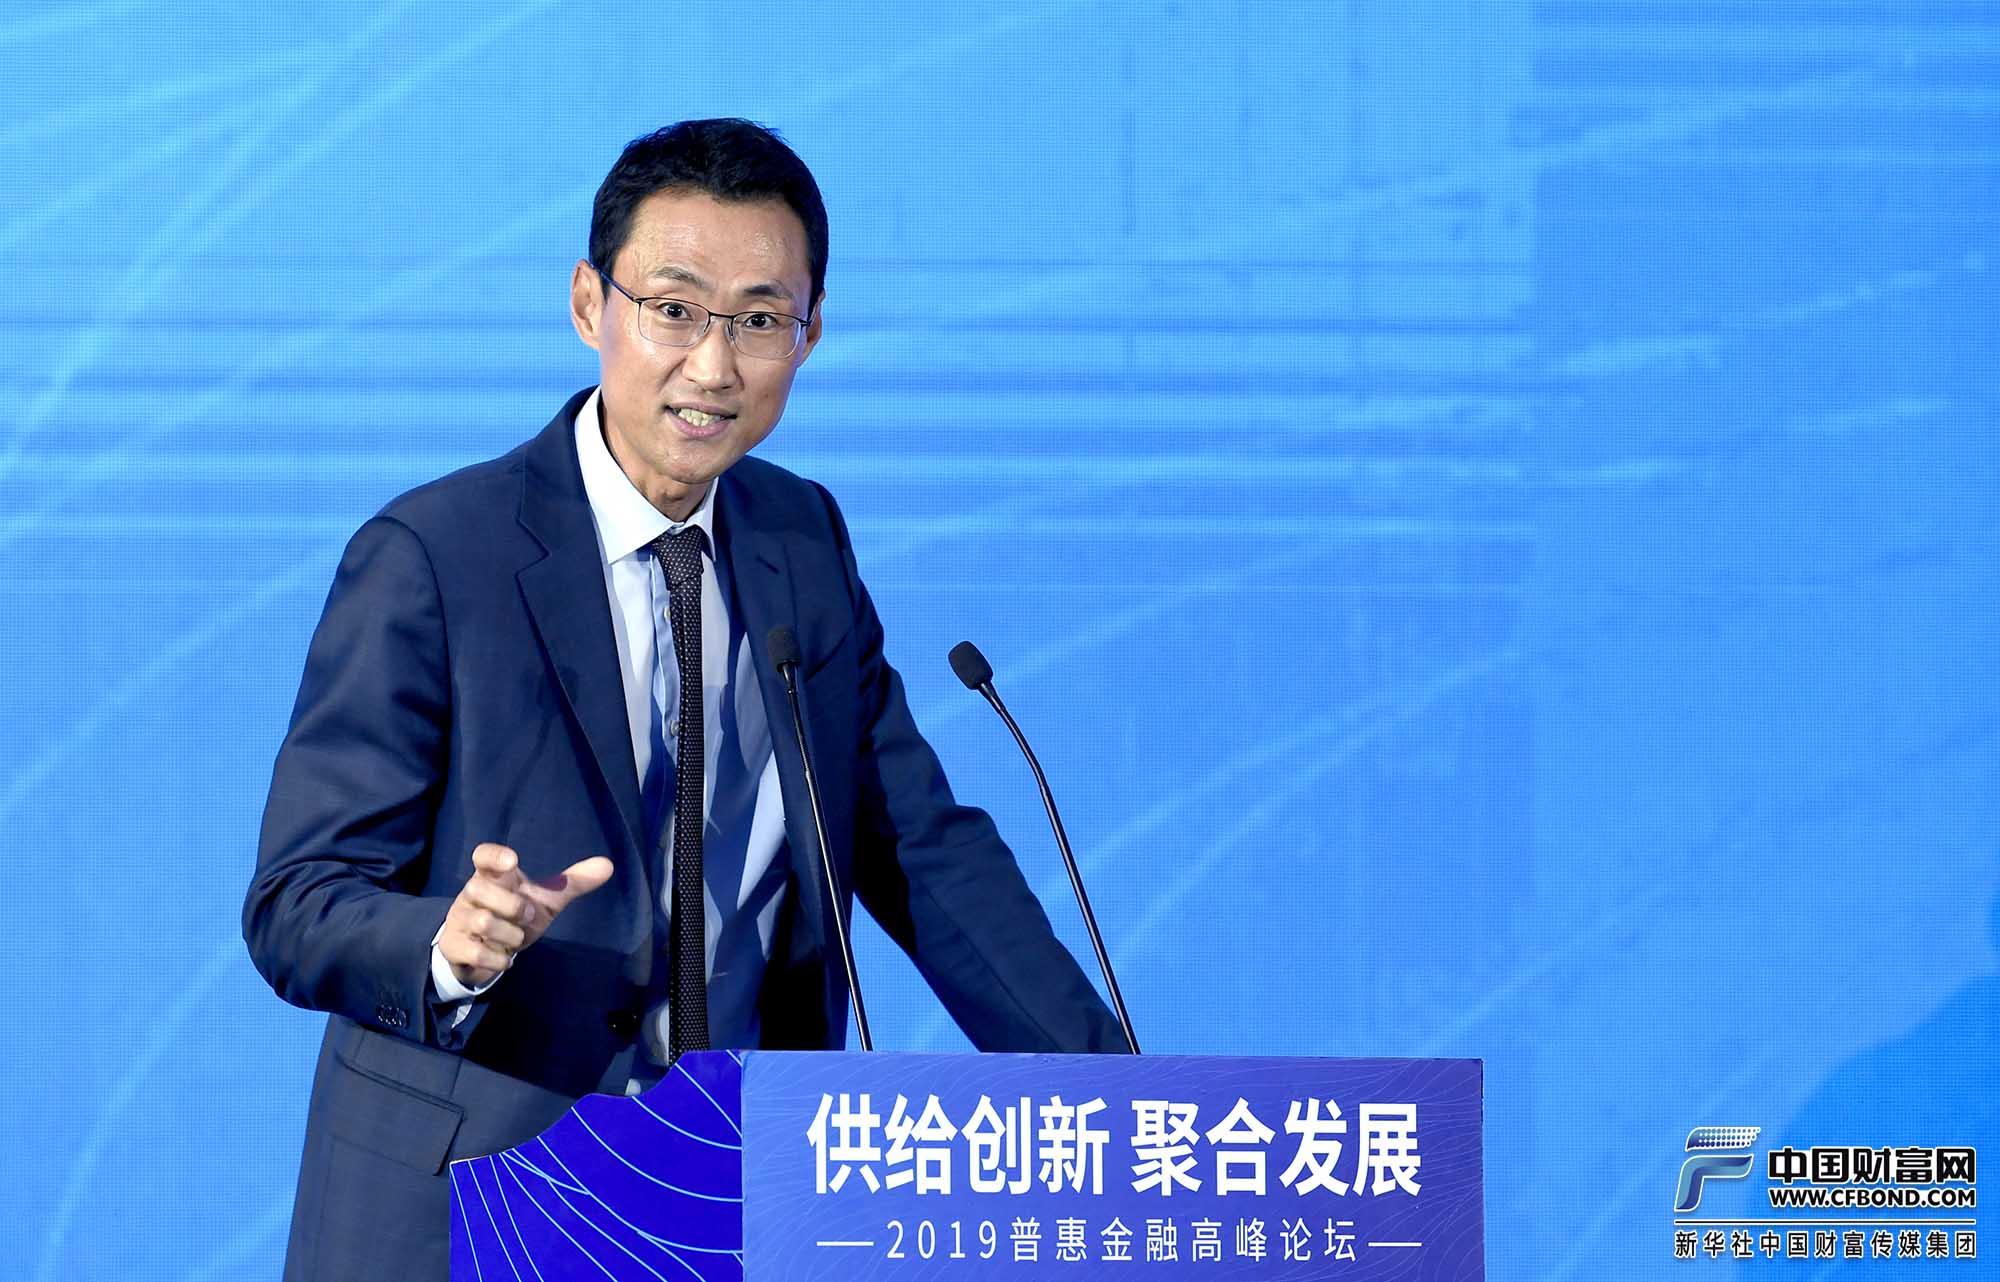 演讲嘉宾:平安普惠董事长兼CEO赵容奭